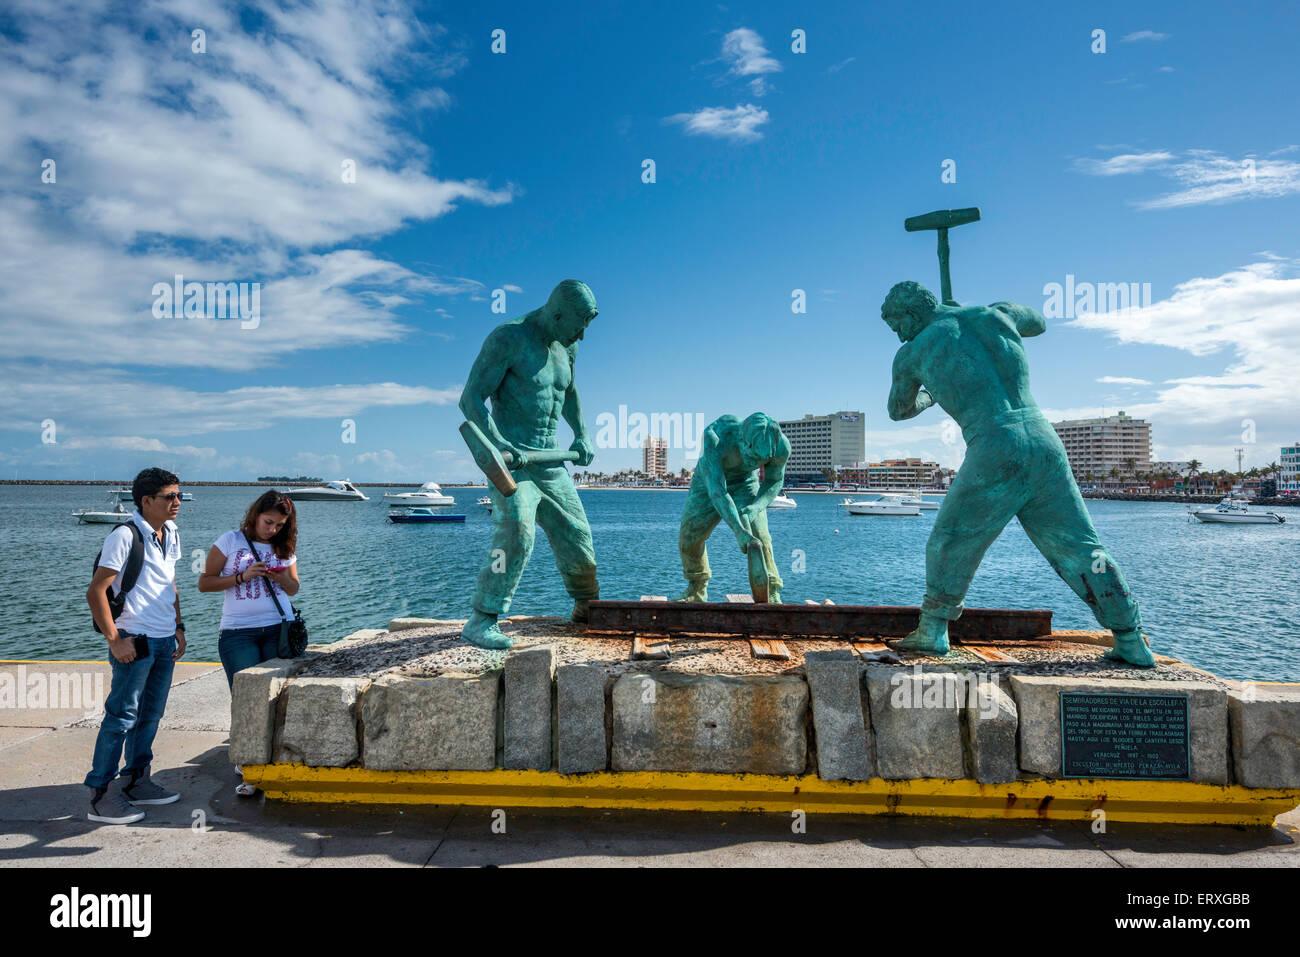 Sembradores de Via de la Escollera (Sowers of the Jetty Track), sculpture by Humberto Peraza, jetty in port of Veracruz, - Stock Image